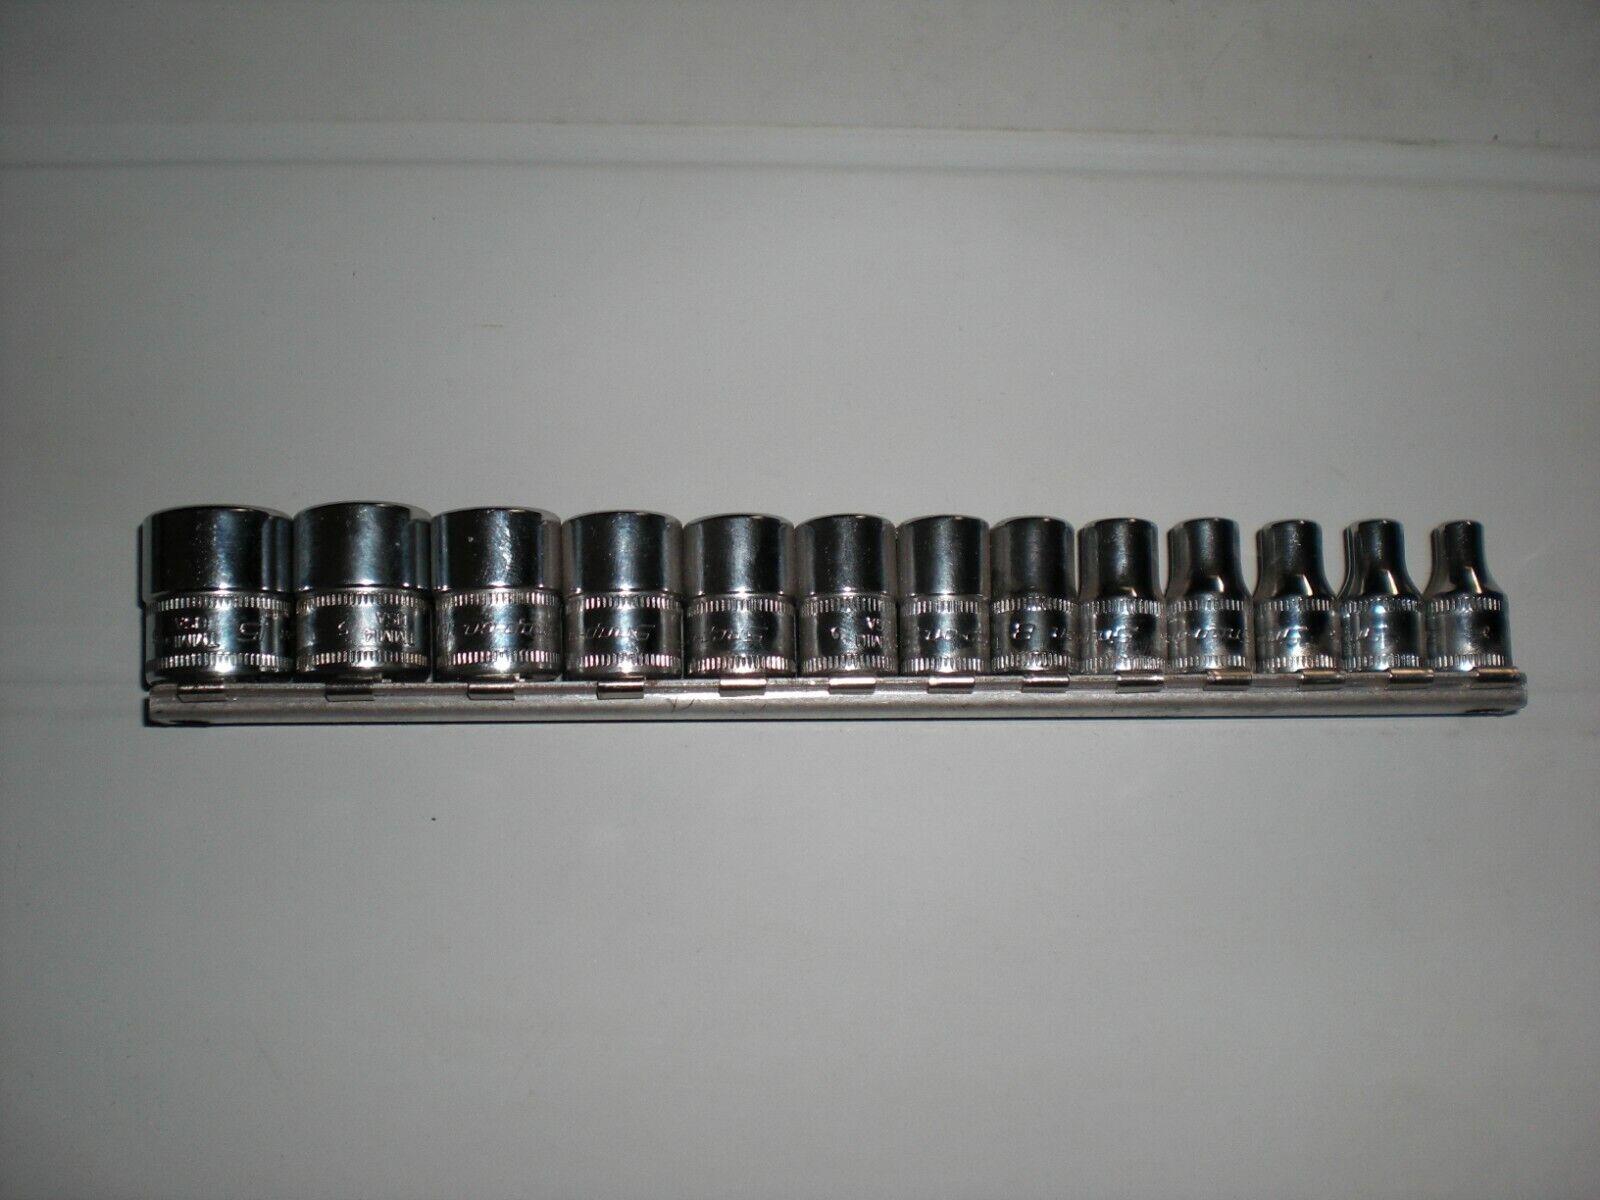 1 4  Snap-on Nußsatz 6-kant 4-15mm Neu 112TMMY